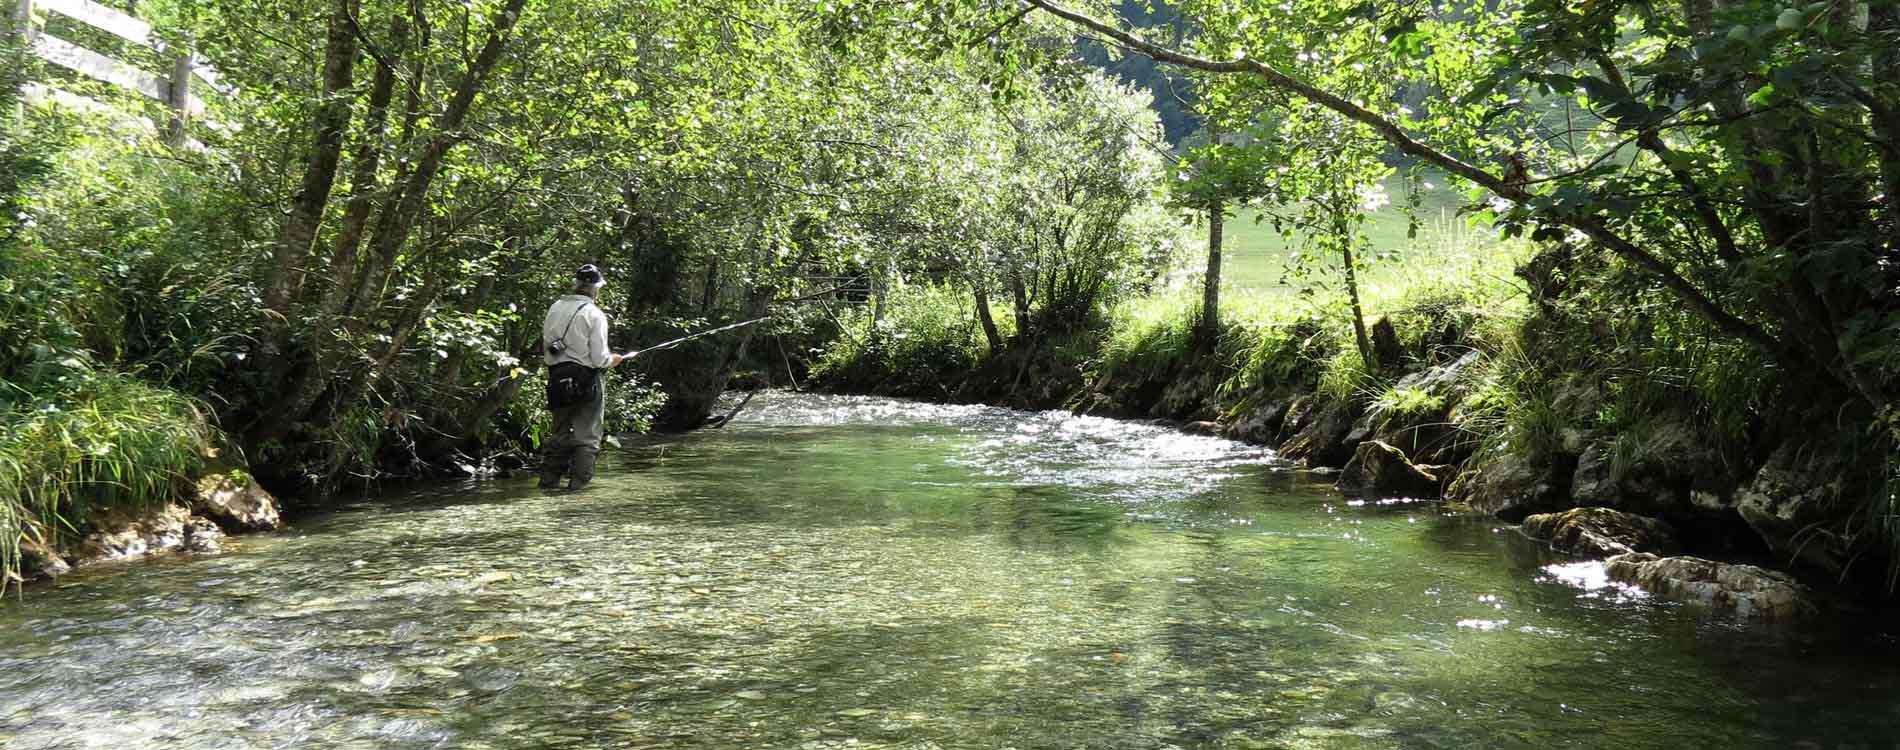 niche destinations grossarler hof 4 star superior grossarl valley salzburgerLand small luxury hotels fly fishing